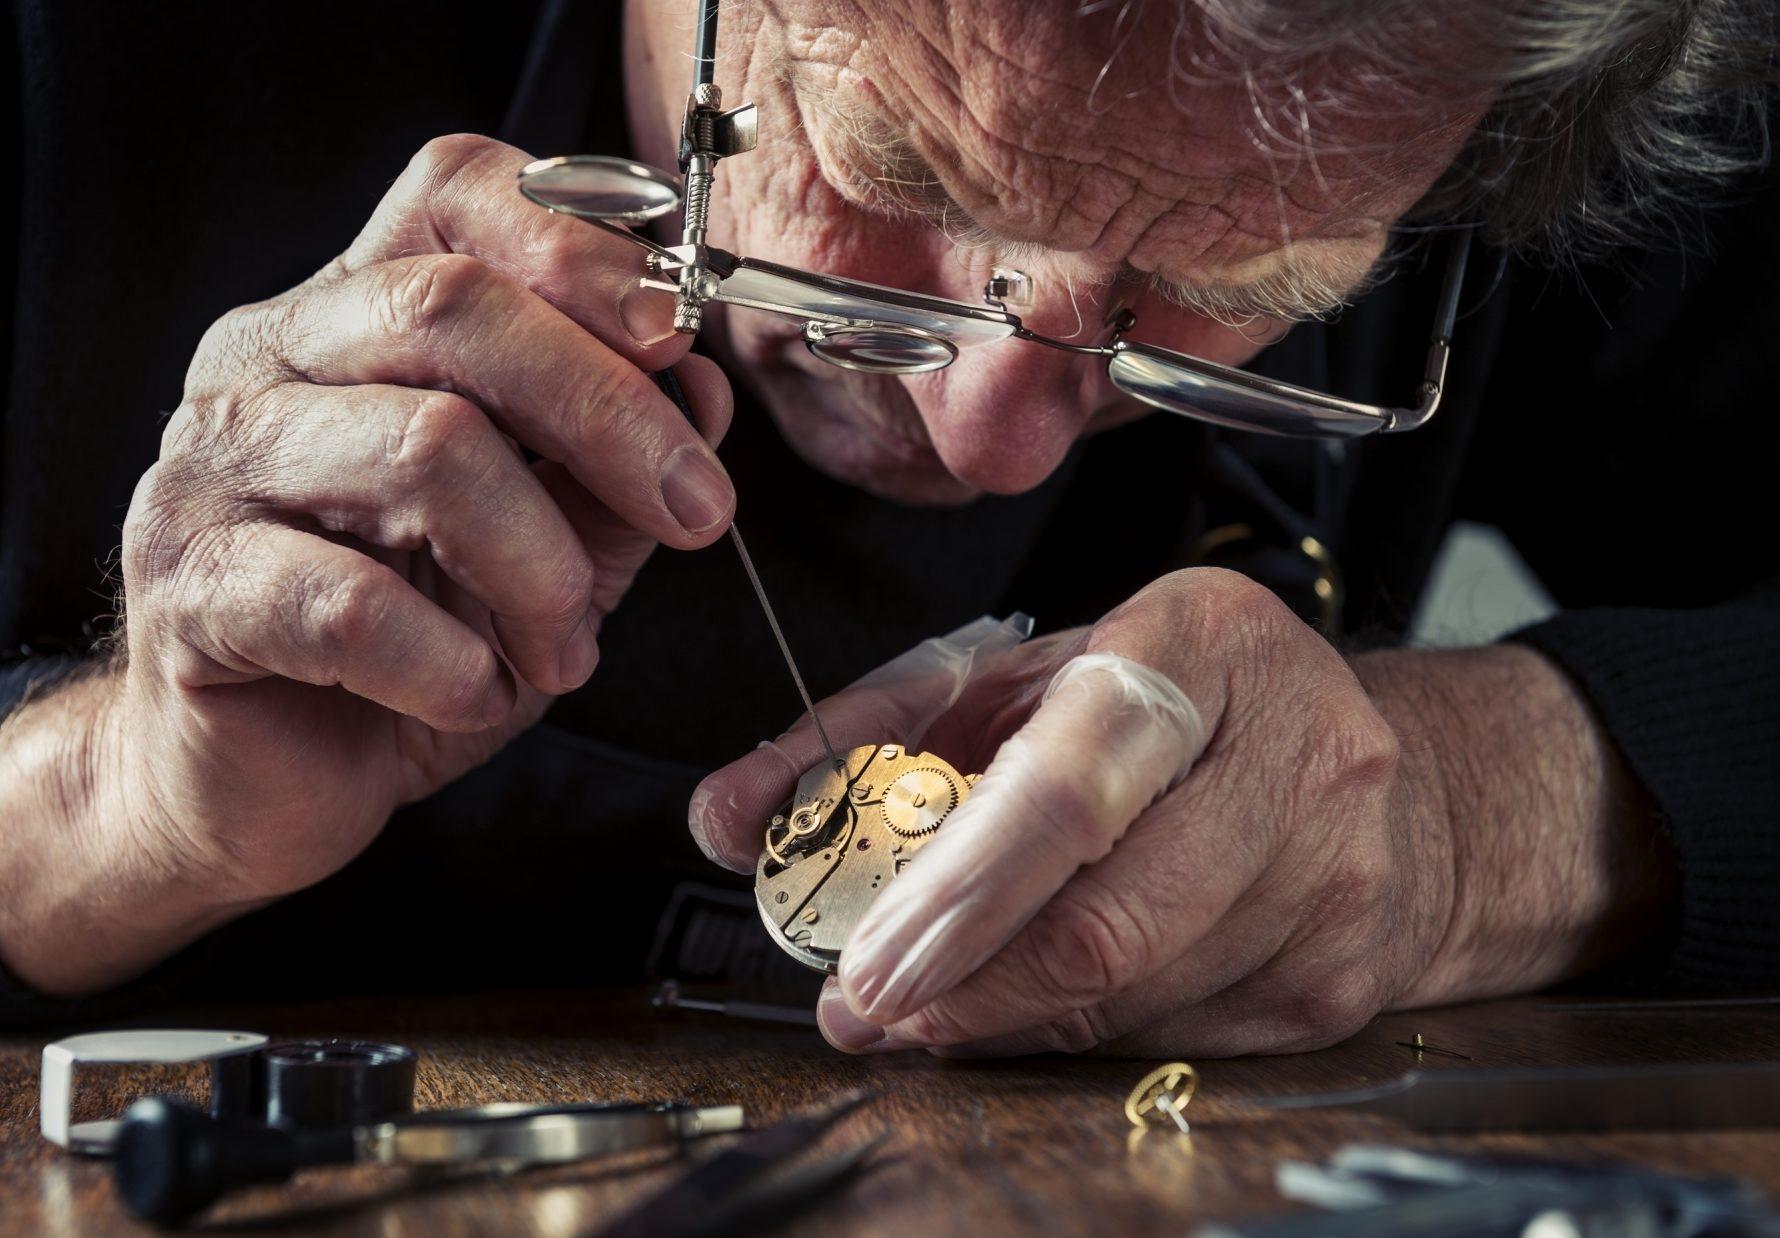 Watchmaking has been given UNESCO heritage status